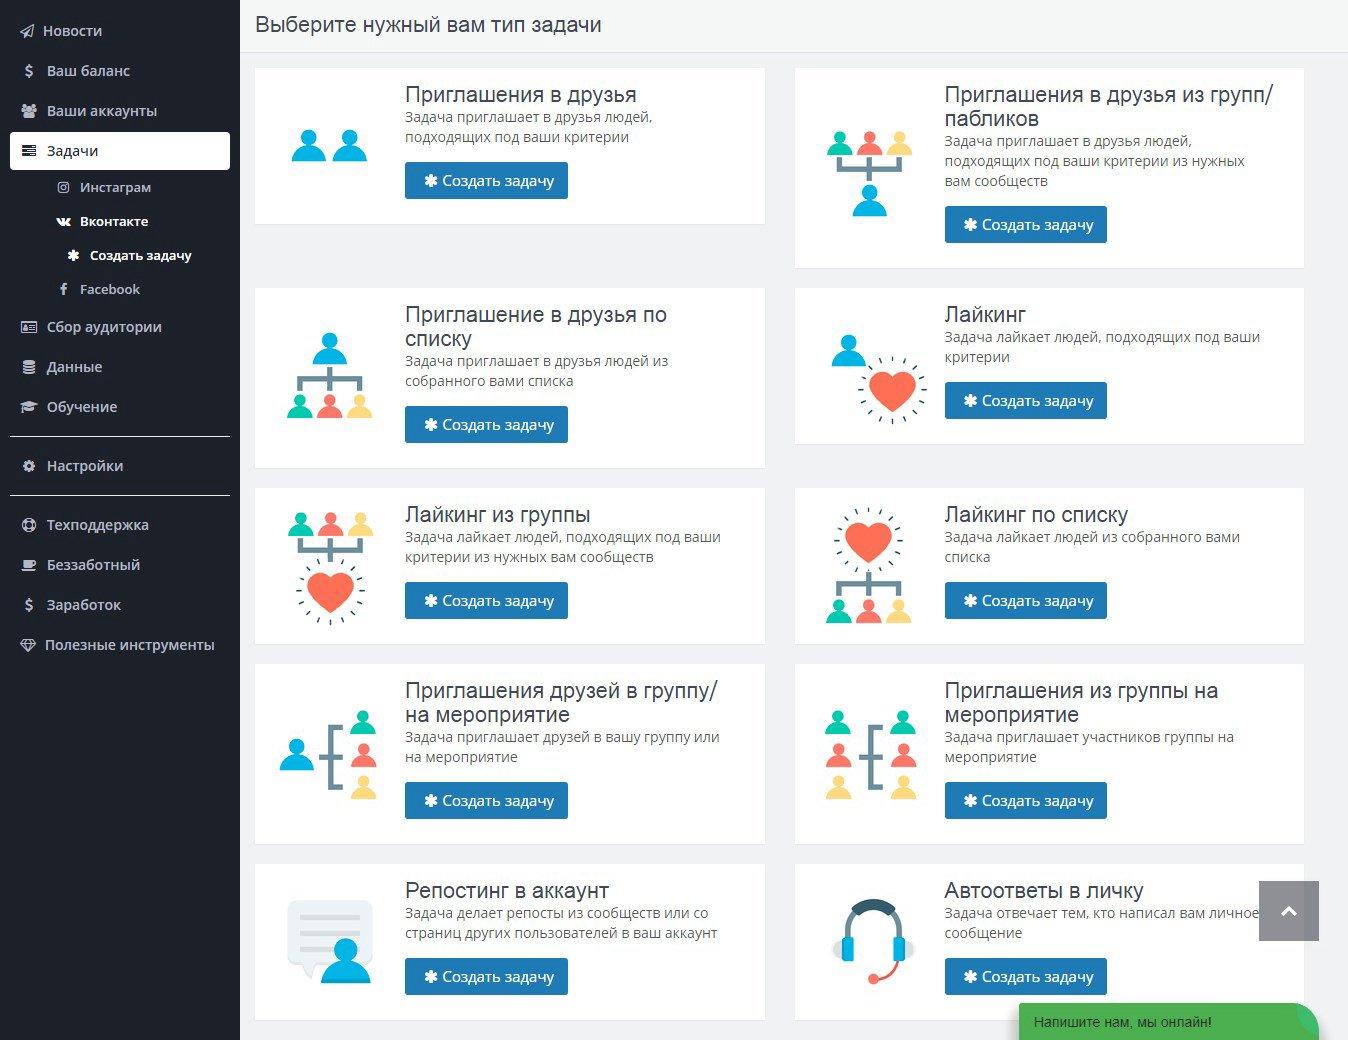 Задачи ВКонтакте